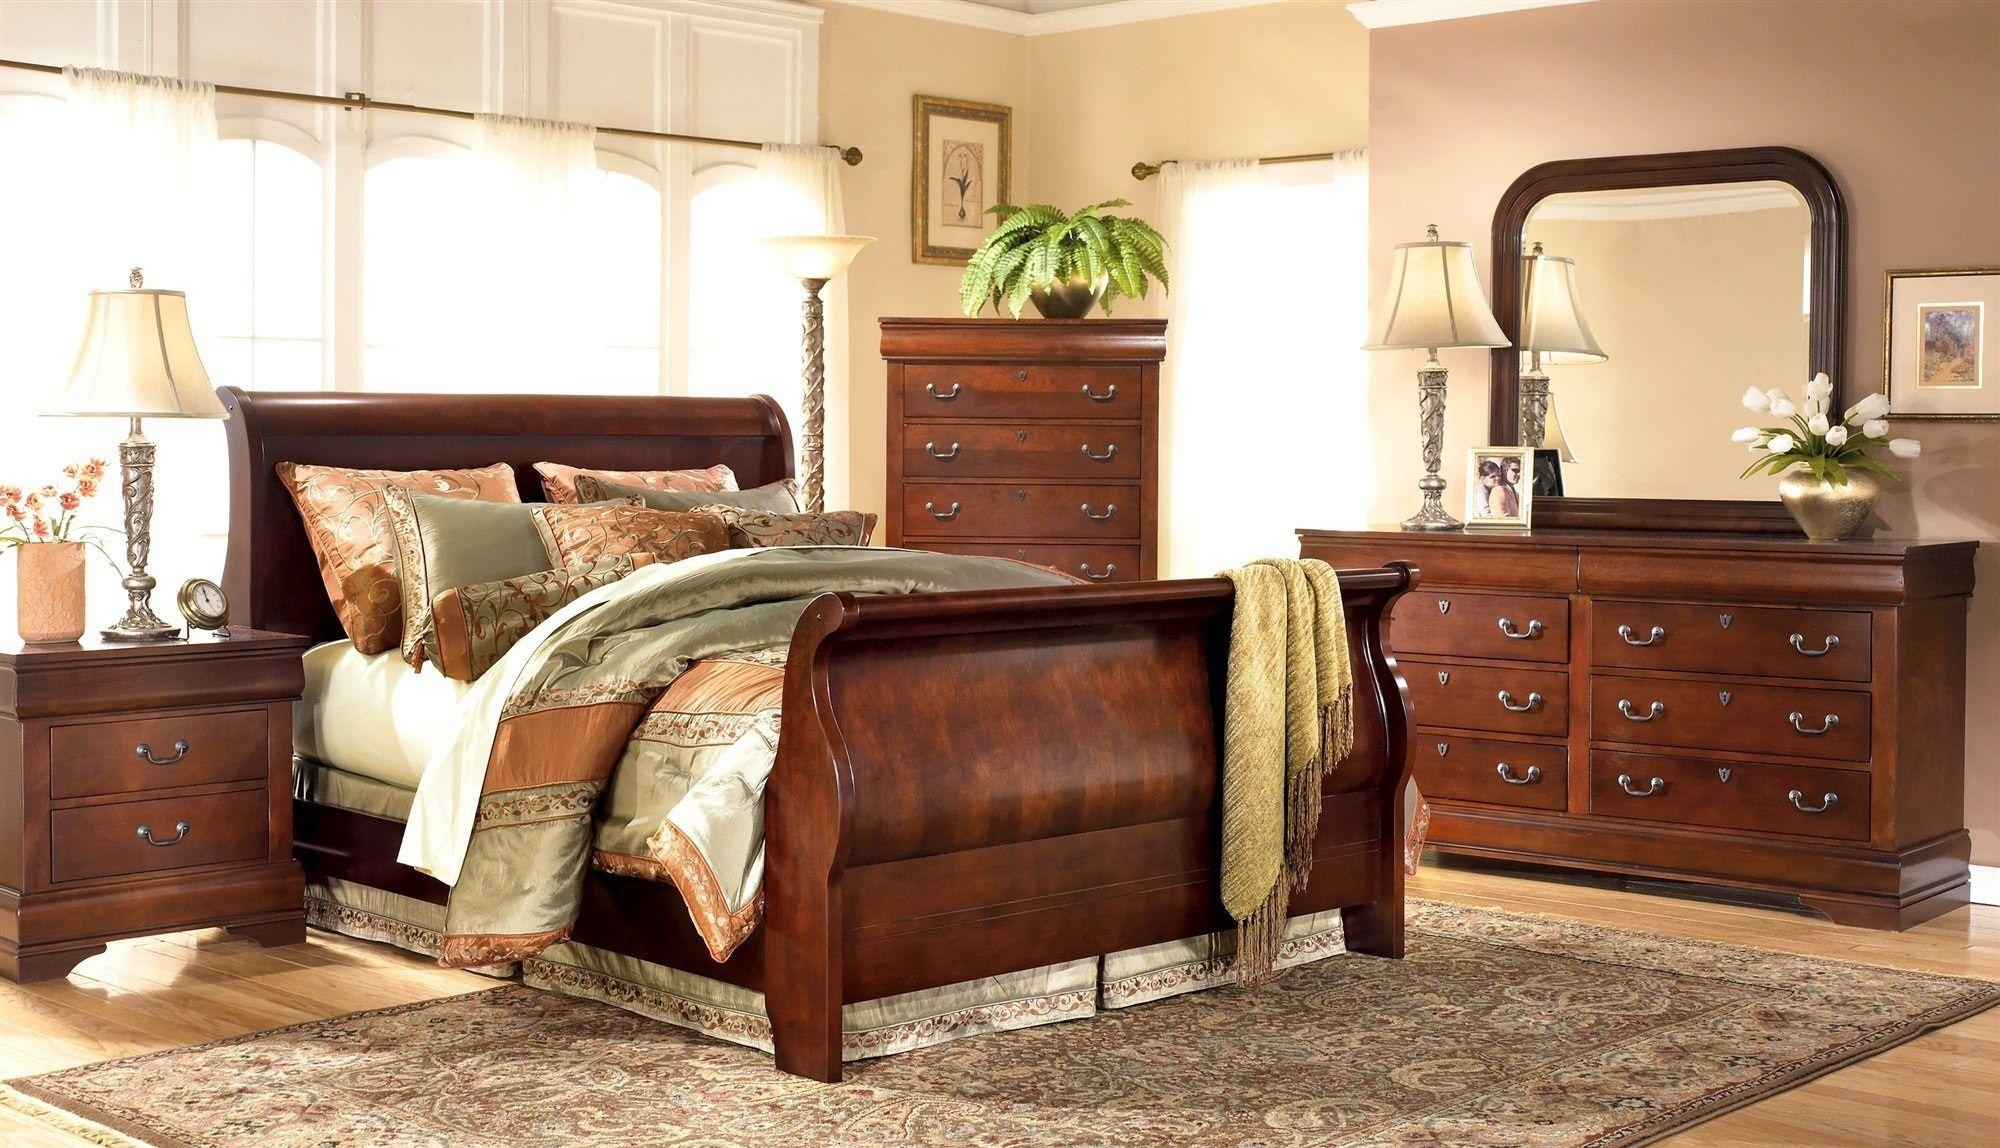 Design Ashley Home Furniture Bedroom Set Understand King Bedroom Furniture Set Bedroom Furniture King Bedroom Furniture Home Furniture Master Bedroom Furniture